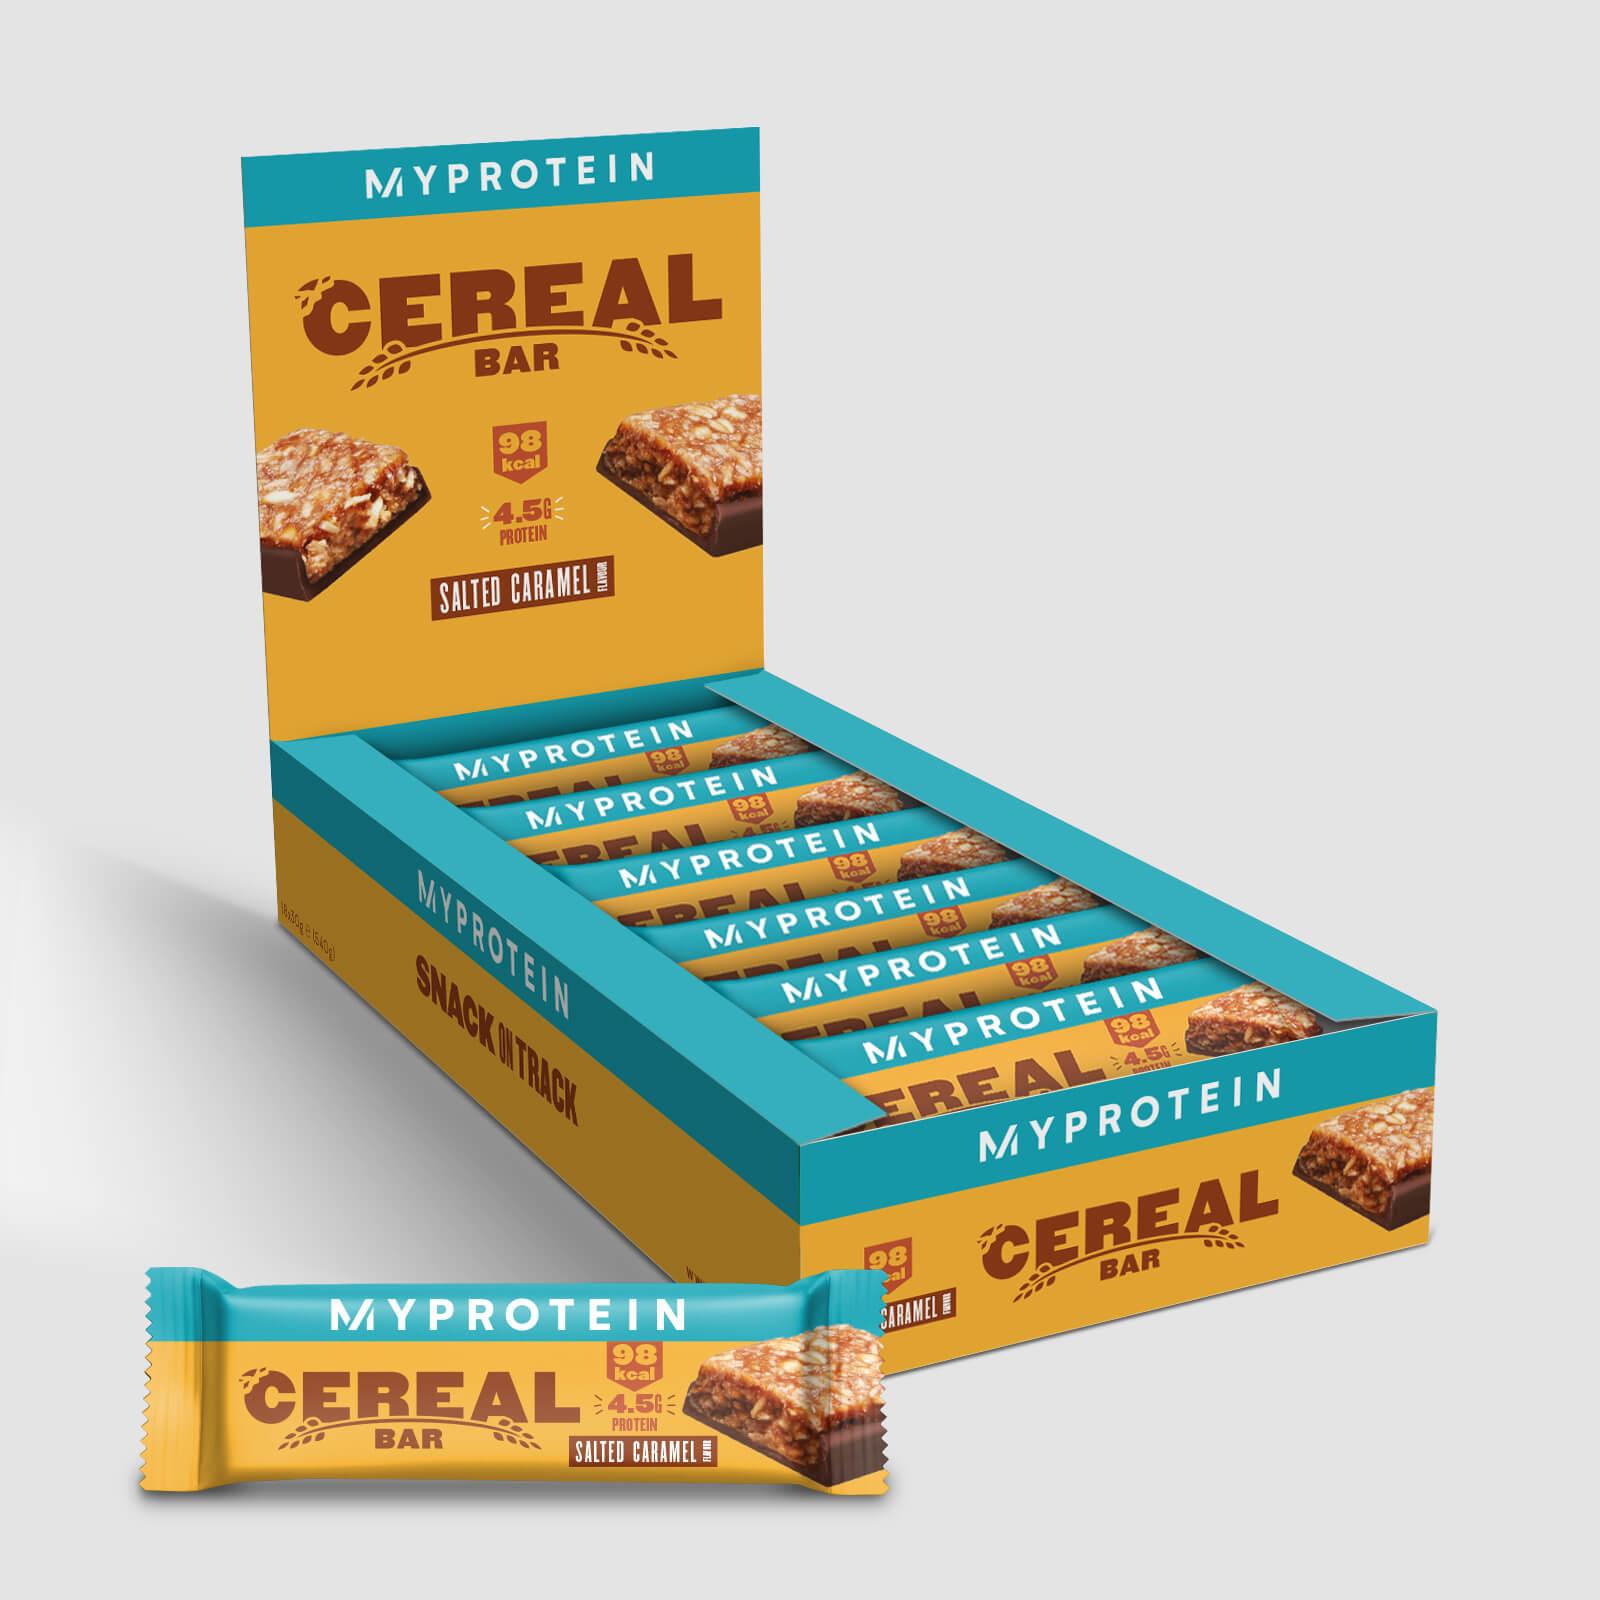 Barre de céréales - 18 x 30g - Nouveau - Caramel salé